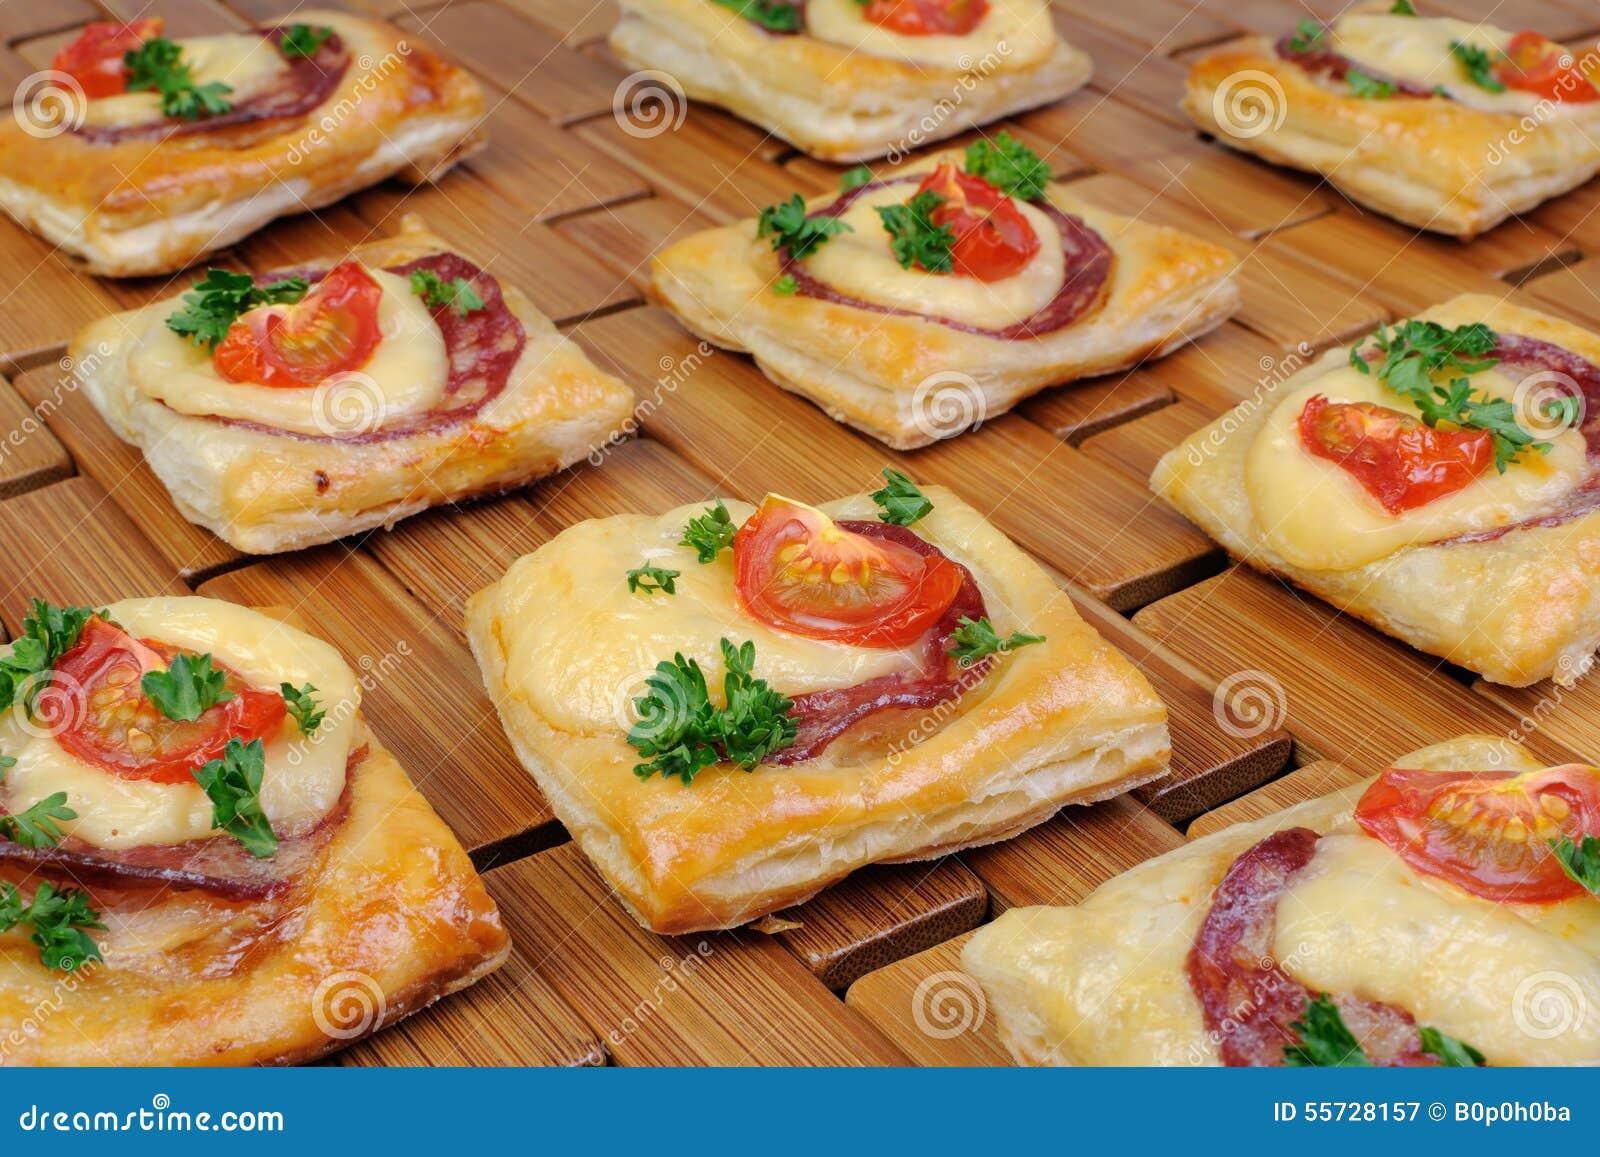 apéritif de la pâte feuilletée avec le salami image stock - image du